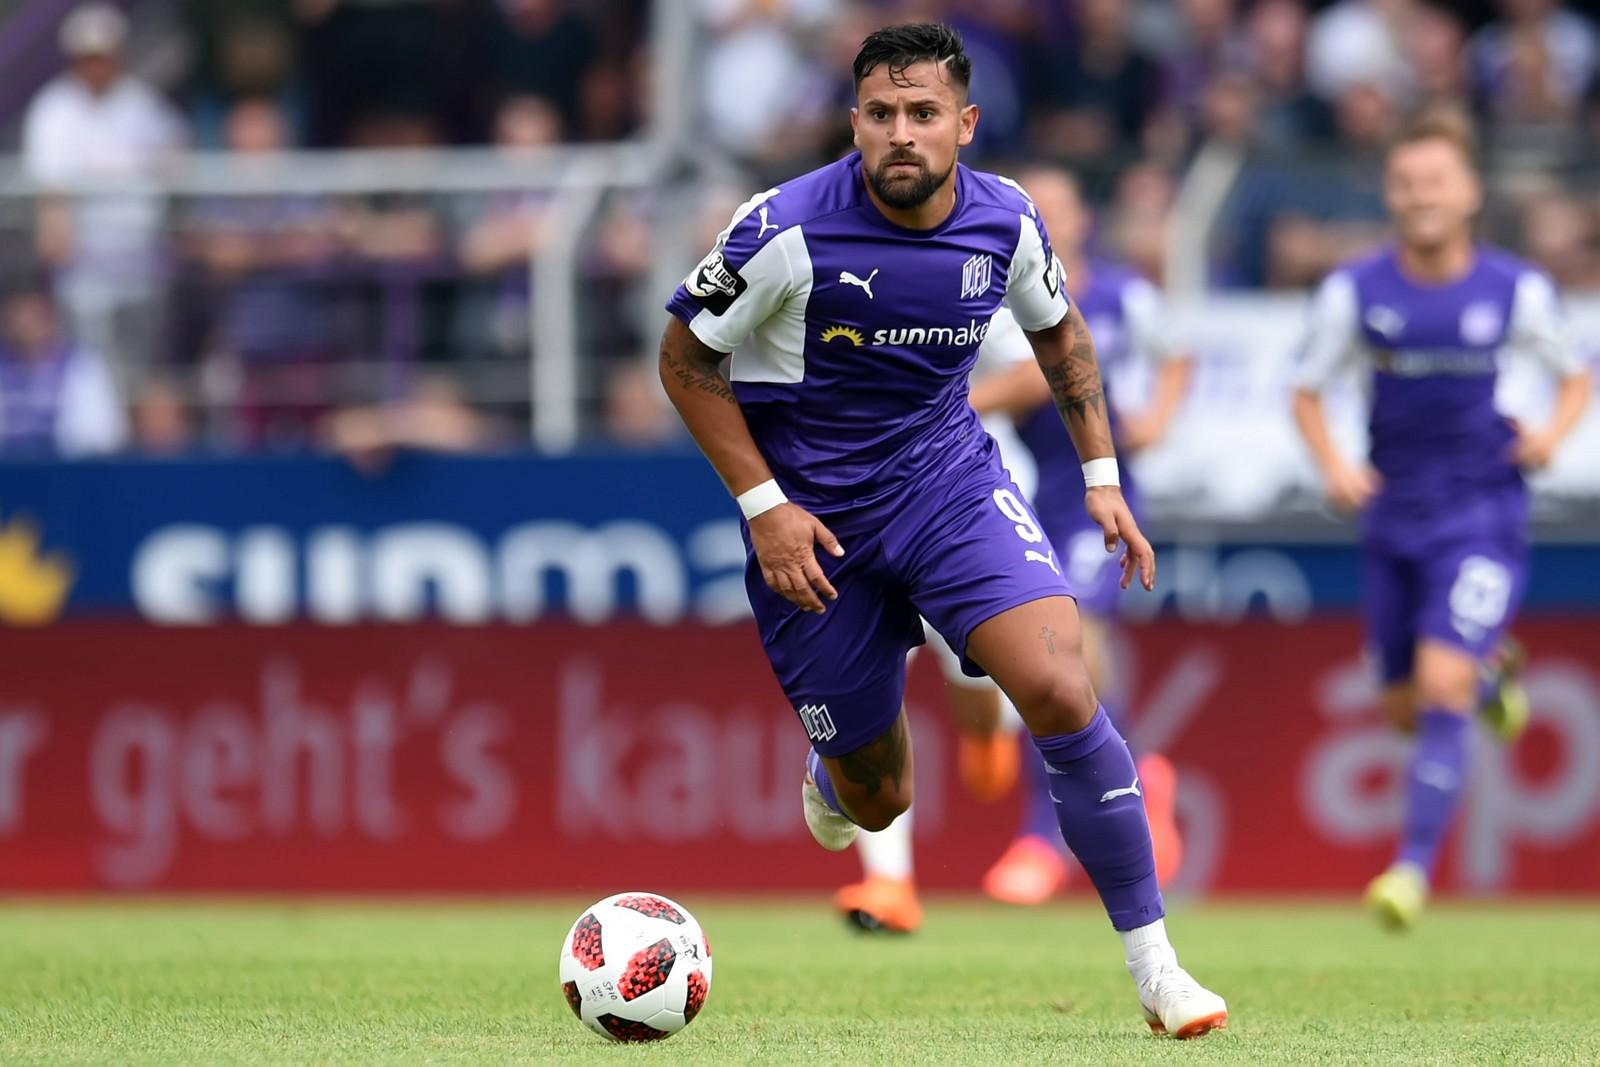 Mit sieben Treffern ist Marcos Álvarez der erfolgreichste Angreifer des VfL Osnabrück.